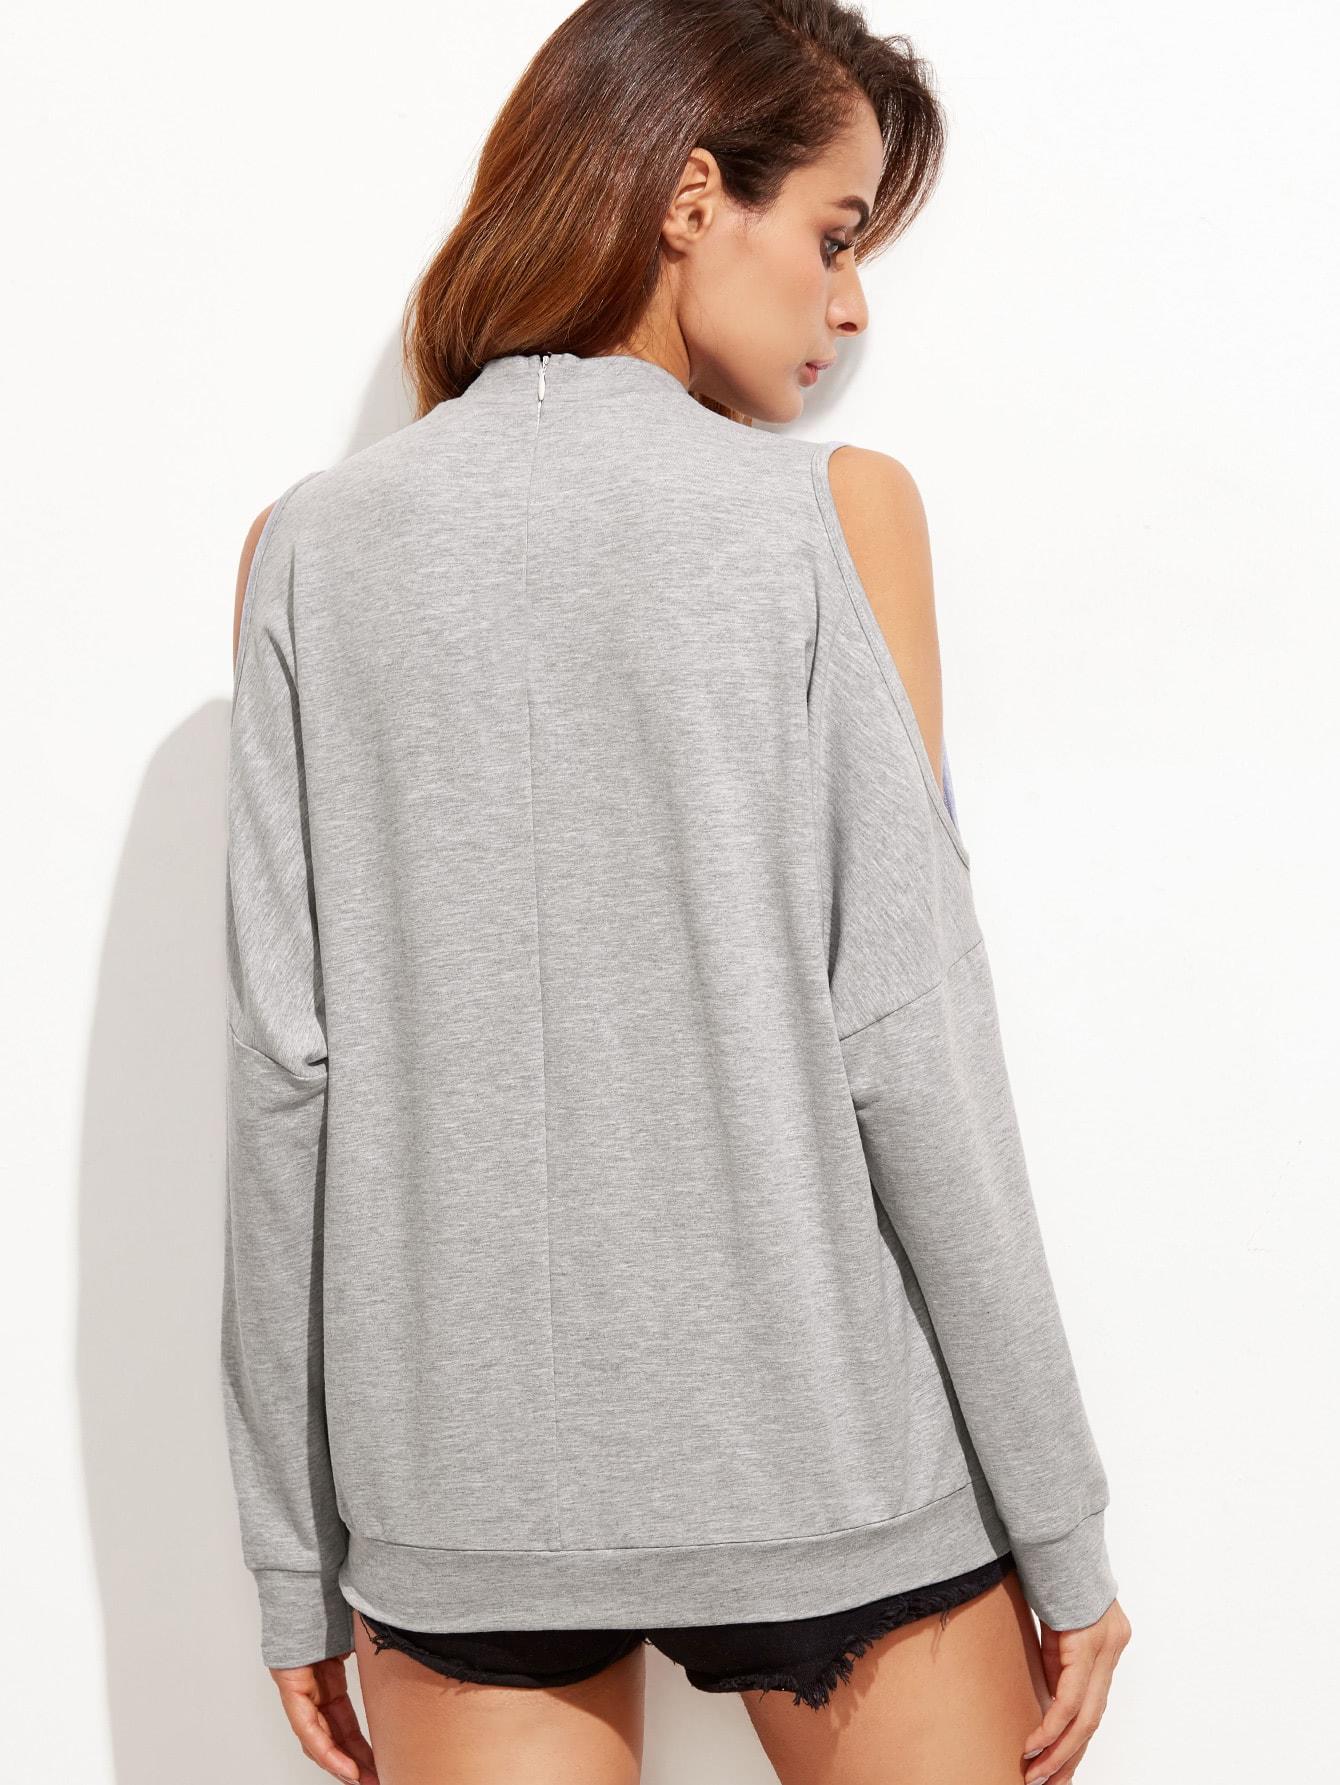 sweatshirt161010706_2